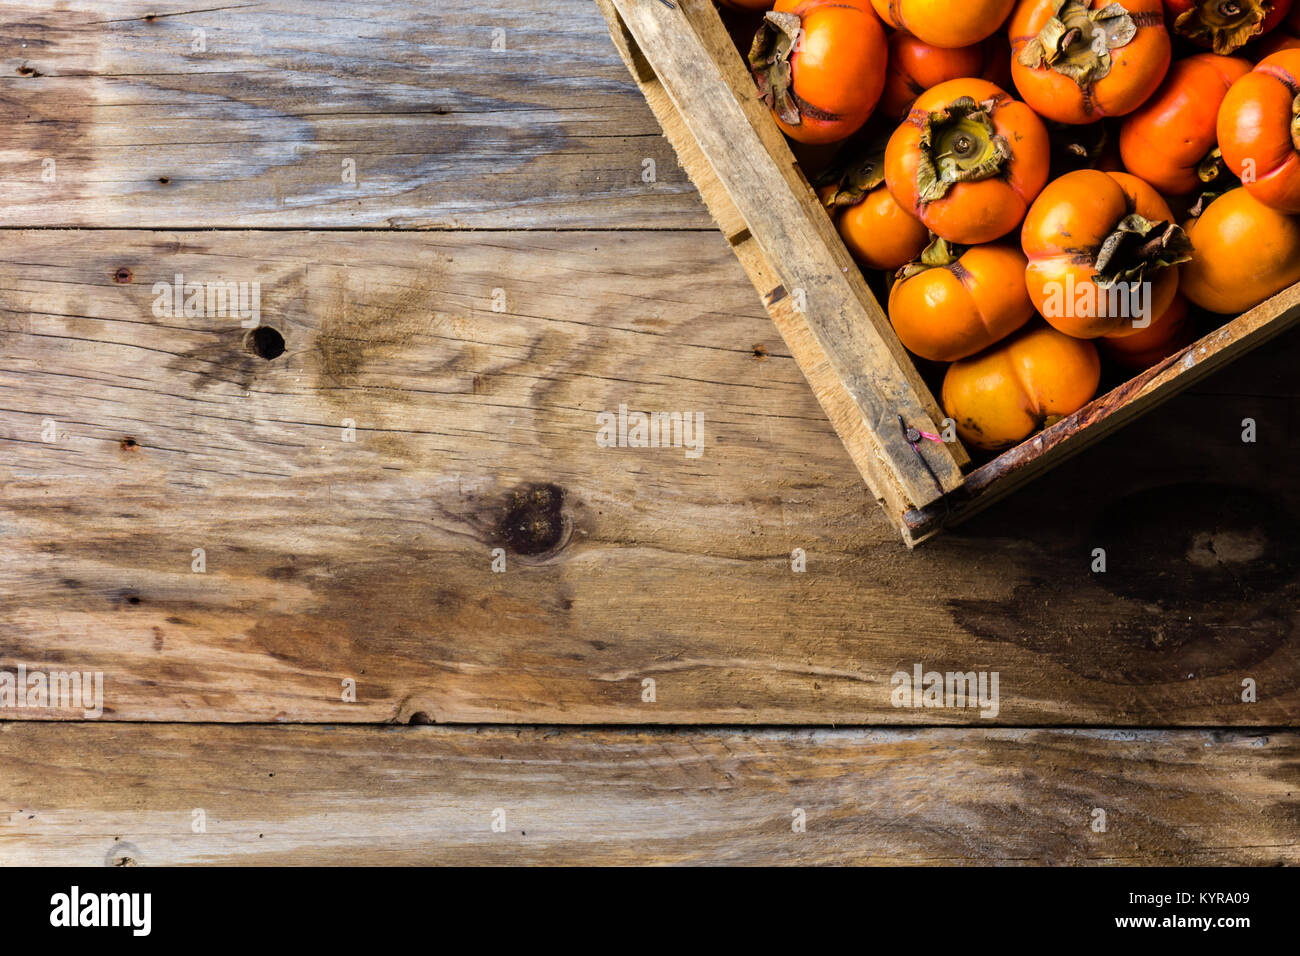 Box von frischem Obst kaki Kaki auf alten Holz- Hintergrund. Platz kopieren Stockbild